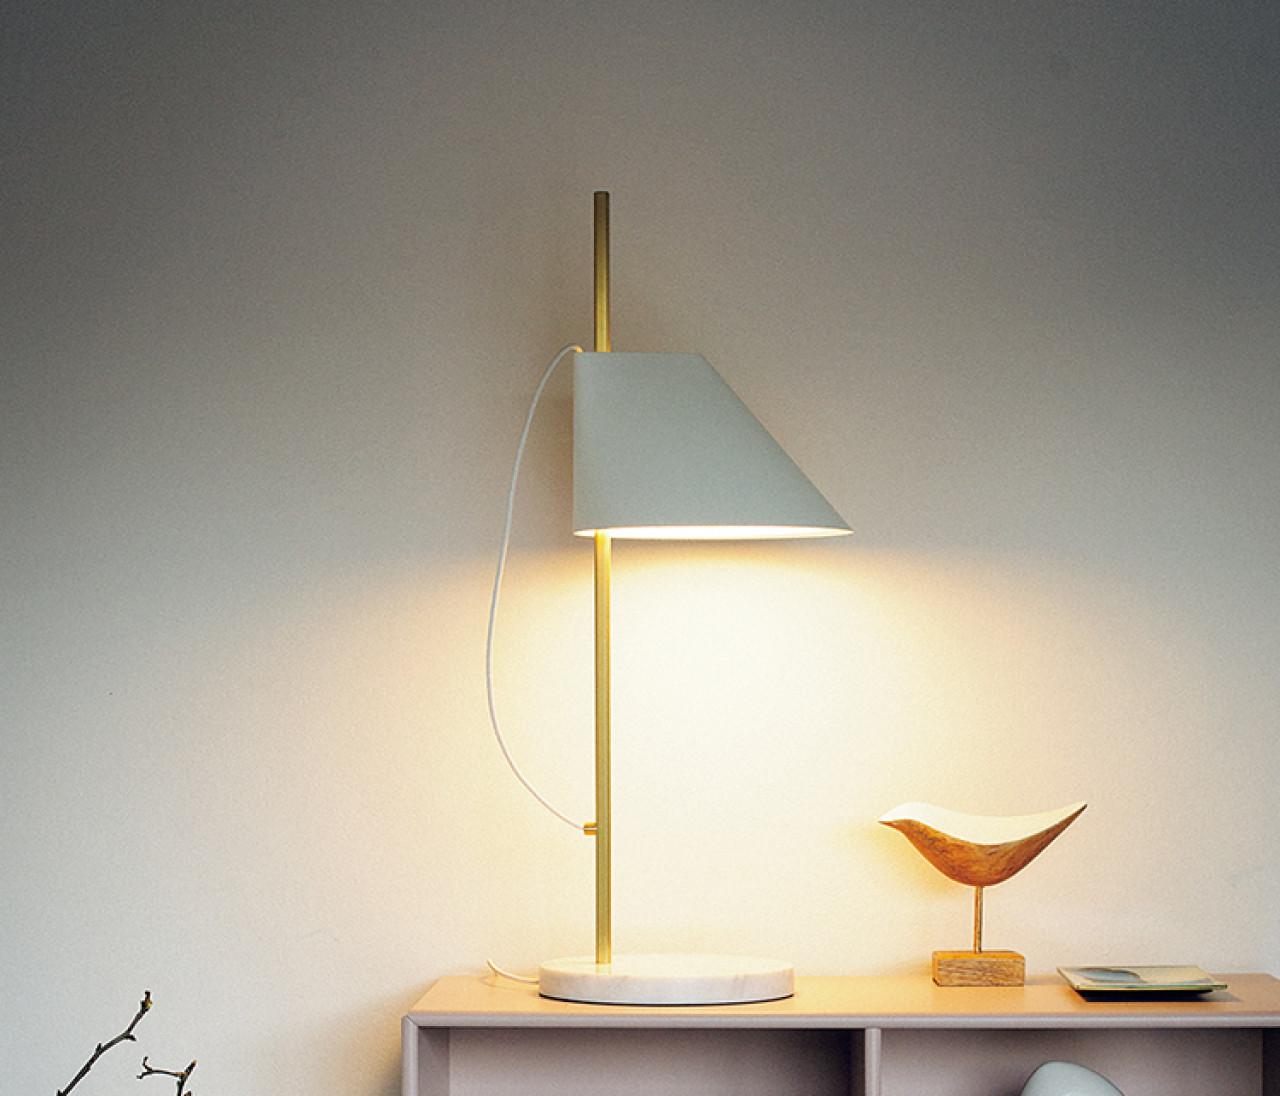 【インテリア雑貨の飾り方2】デスクトップ照明をプラスして自宅を心地よく